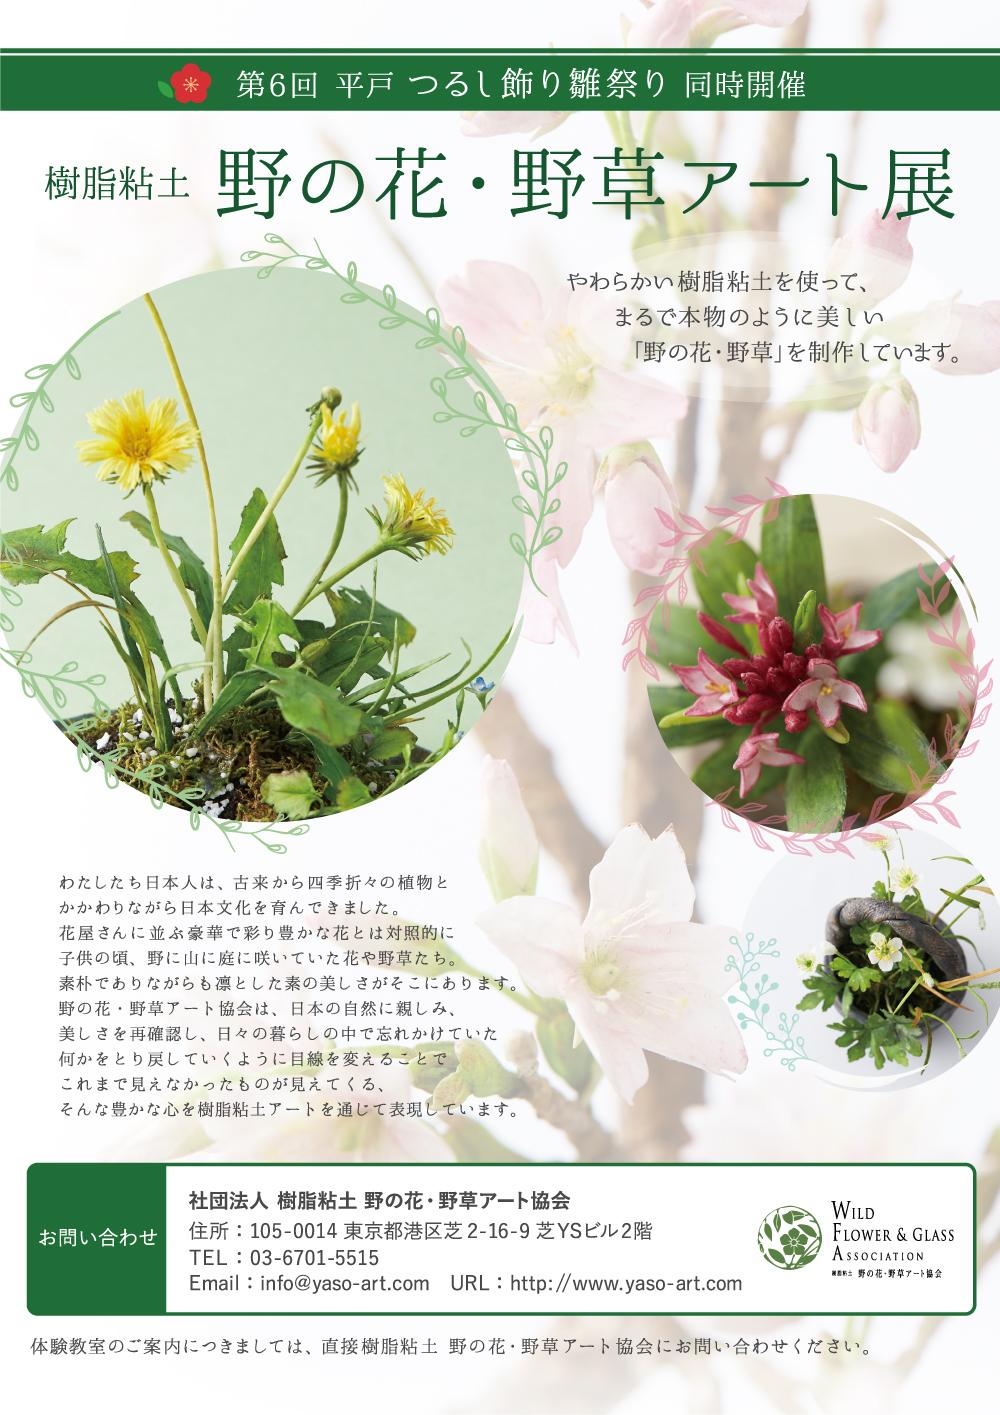 樹脂粘土野の花・野草アート展